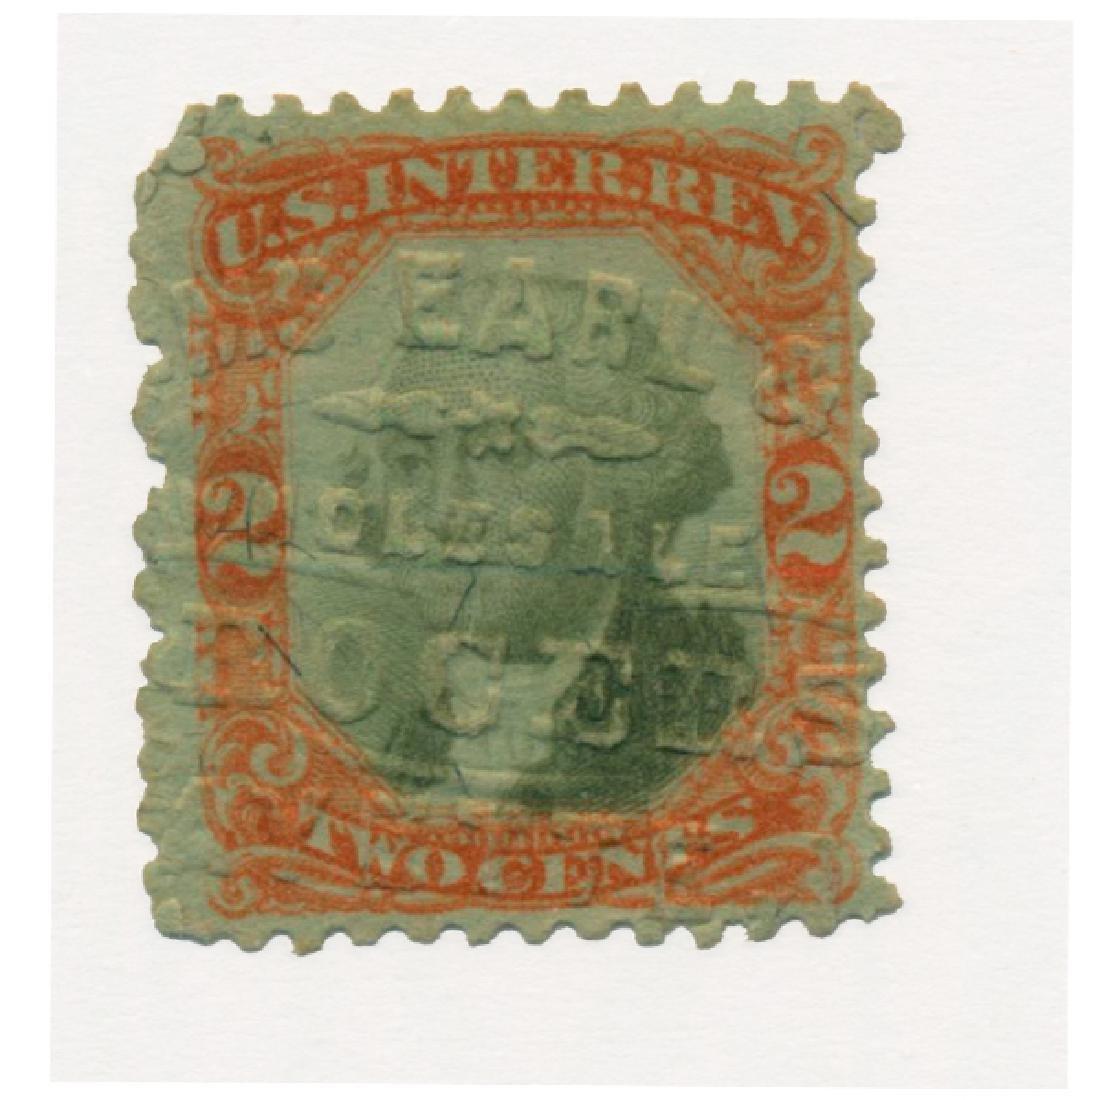 1872 US 2c Revenue Stamp RARE Cancel